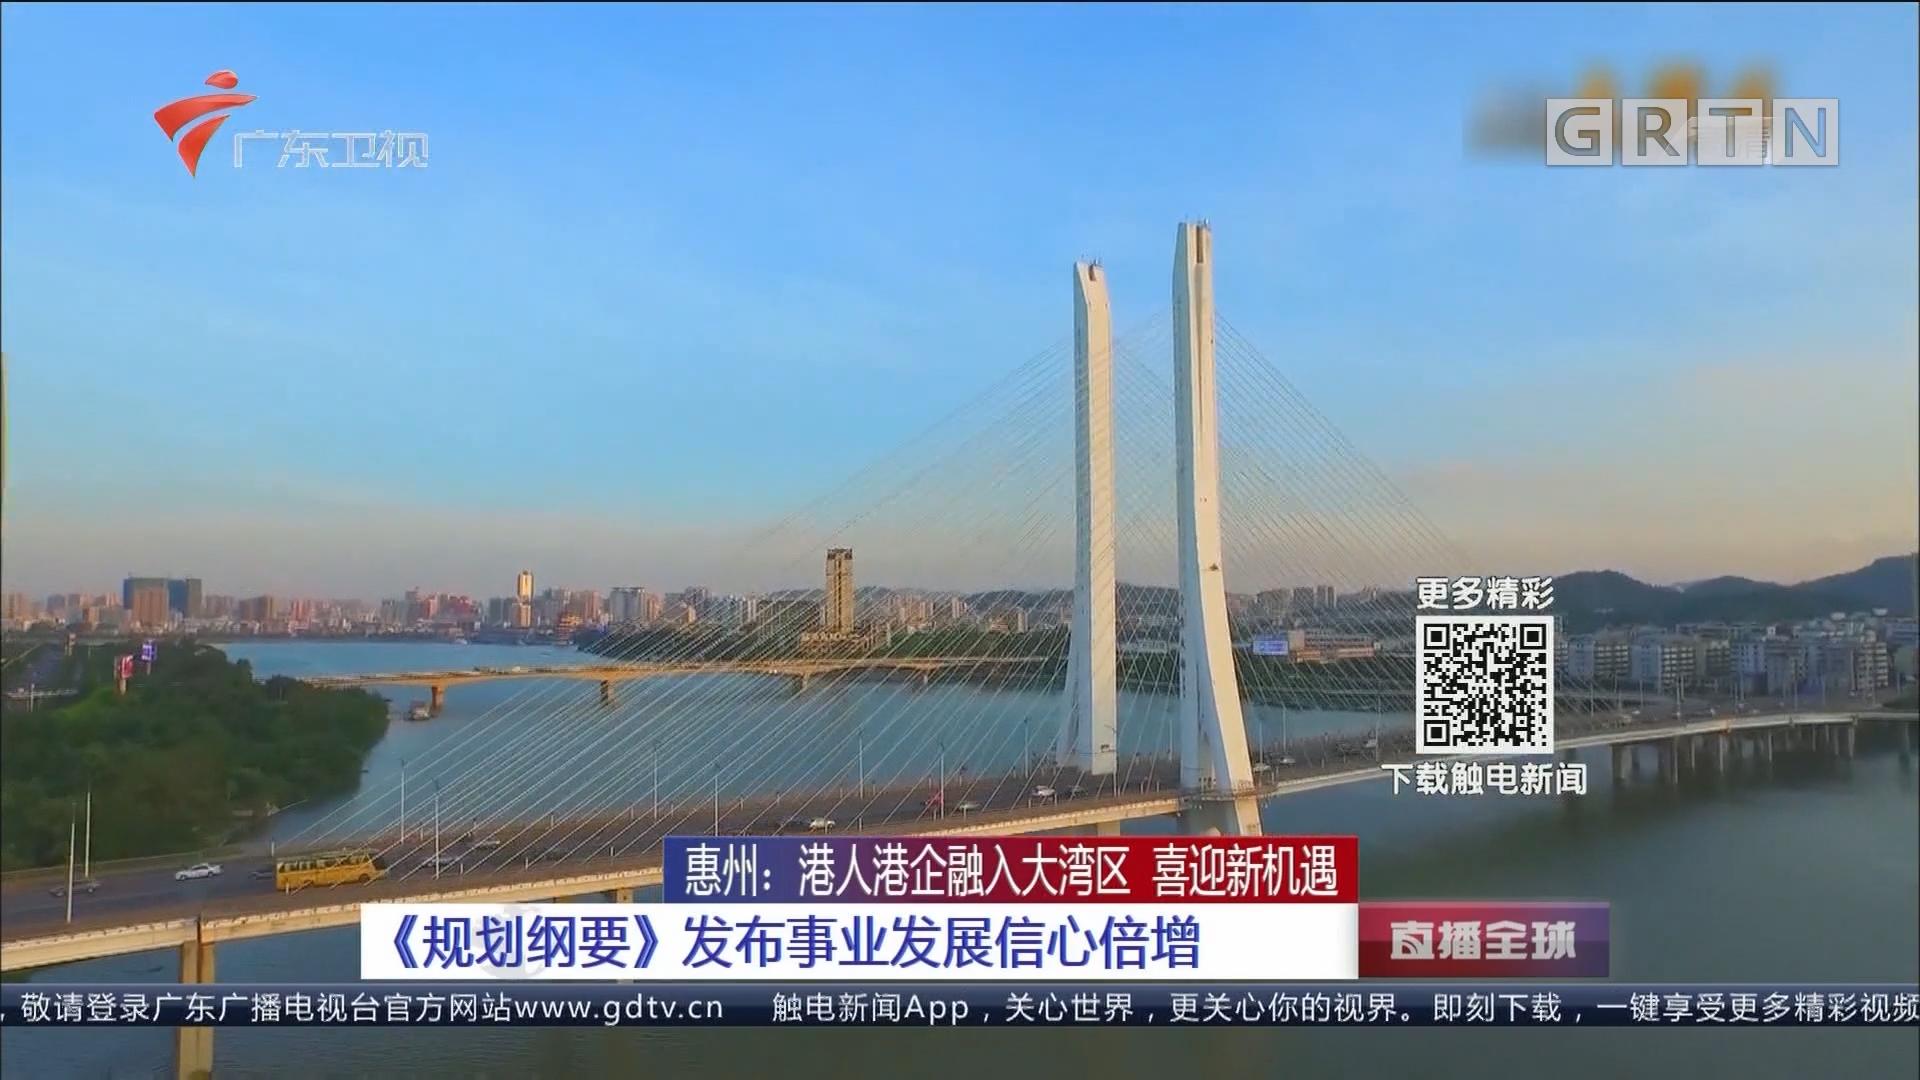 惠州:港人港企融入大湾区 喜迎新机遇 《规划纲要》发布事业发展信心倍增